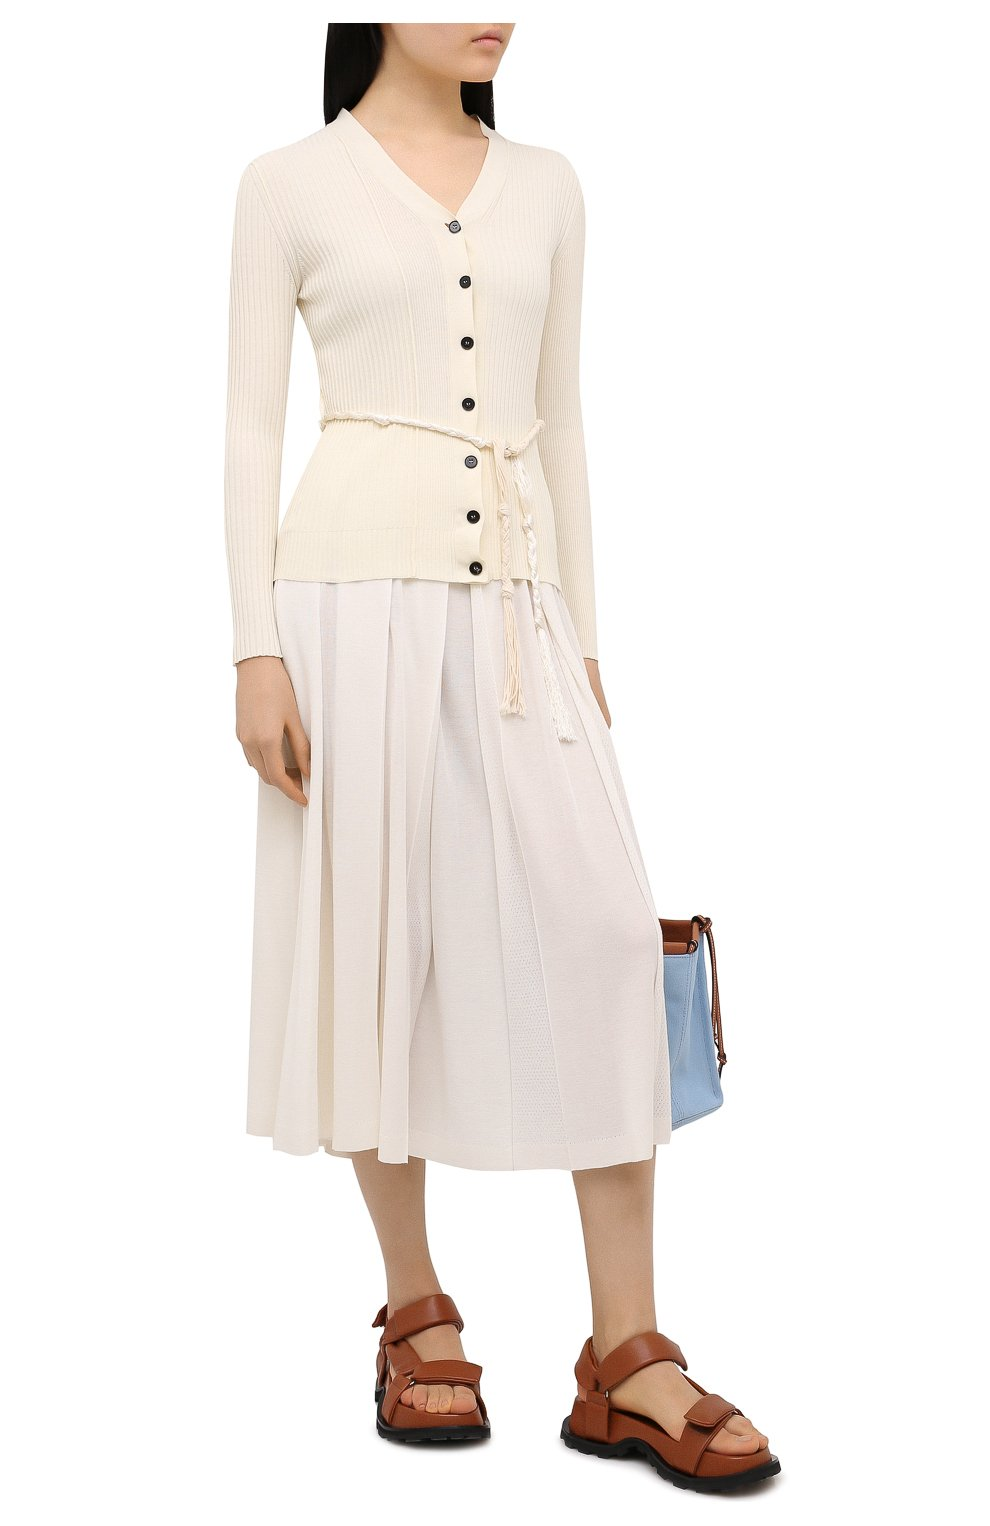 Женская юбка из кашемира и шелка LORO PIANA белого цвета, арт. FAL5239 | Фото 2 (Материал внешний: Шерсть, Шелк, Кашемир; Женское Кросс-КТ: юбка-плиссе, Юбка-одежда; Длина Ж (юбки, платья, шорты): Миди; Стили: Романтичный)